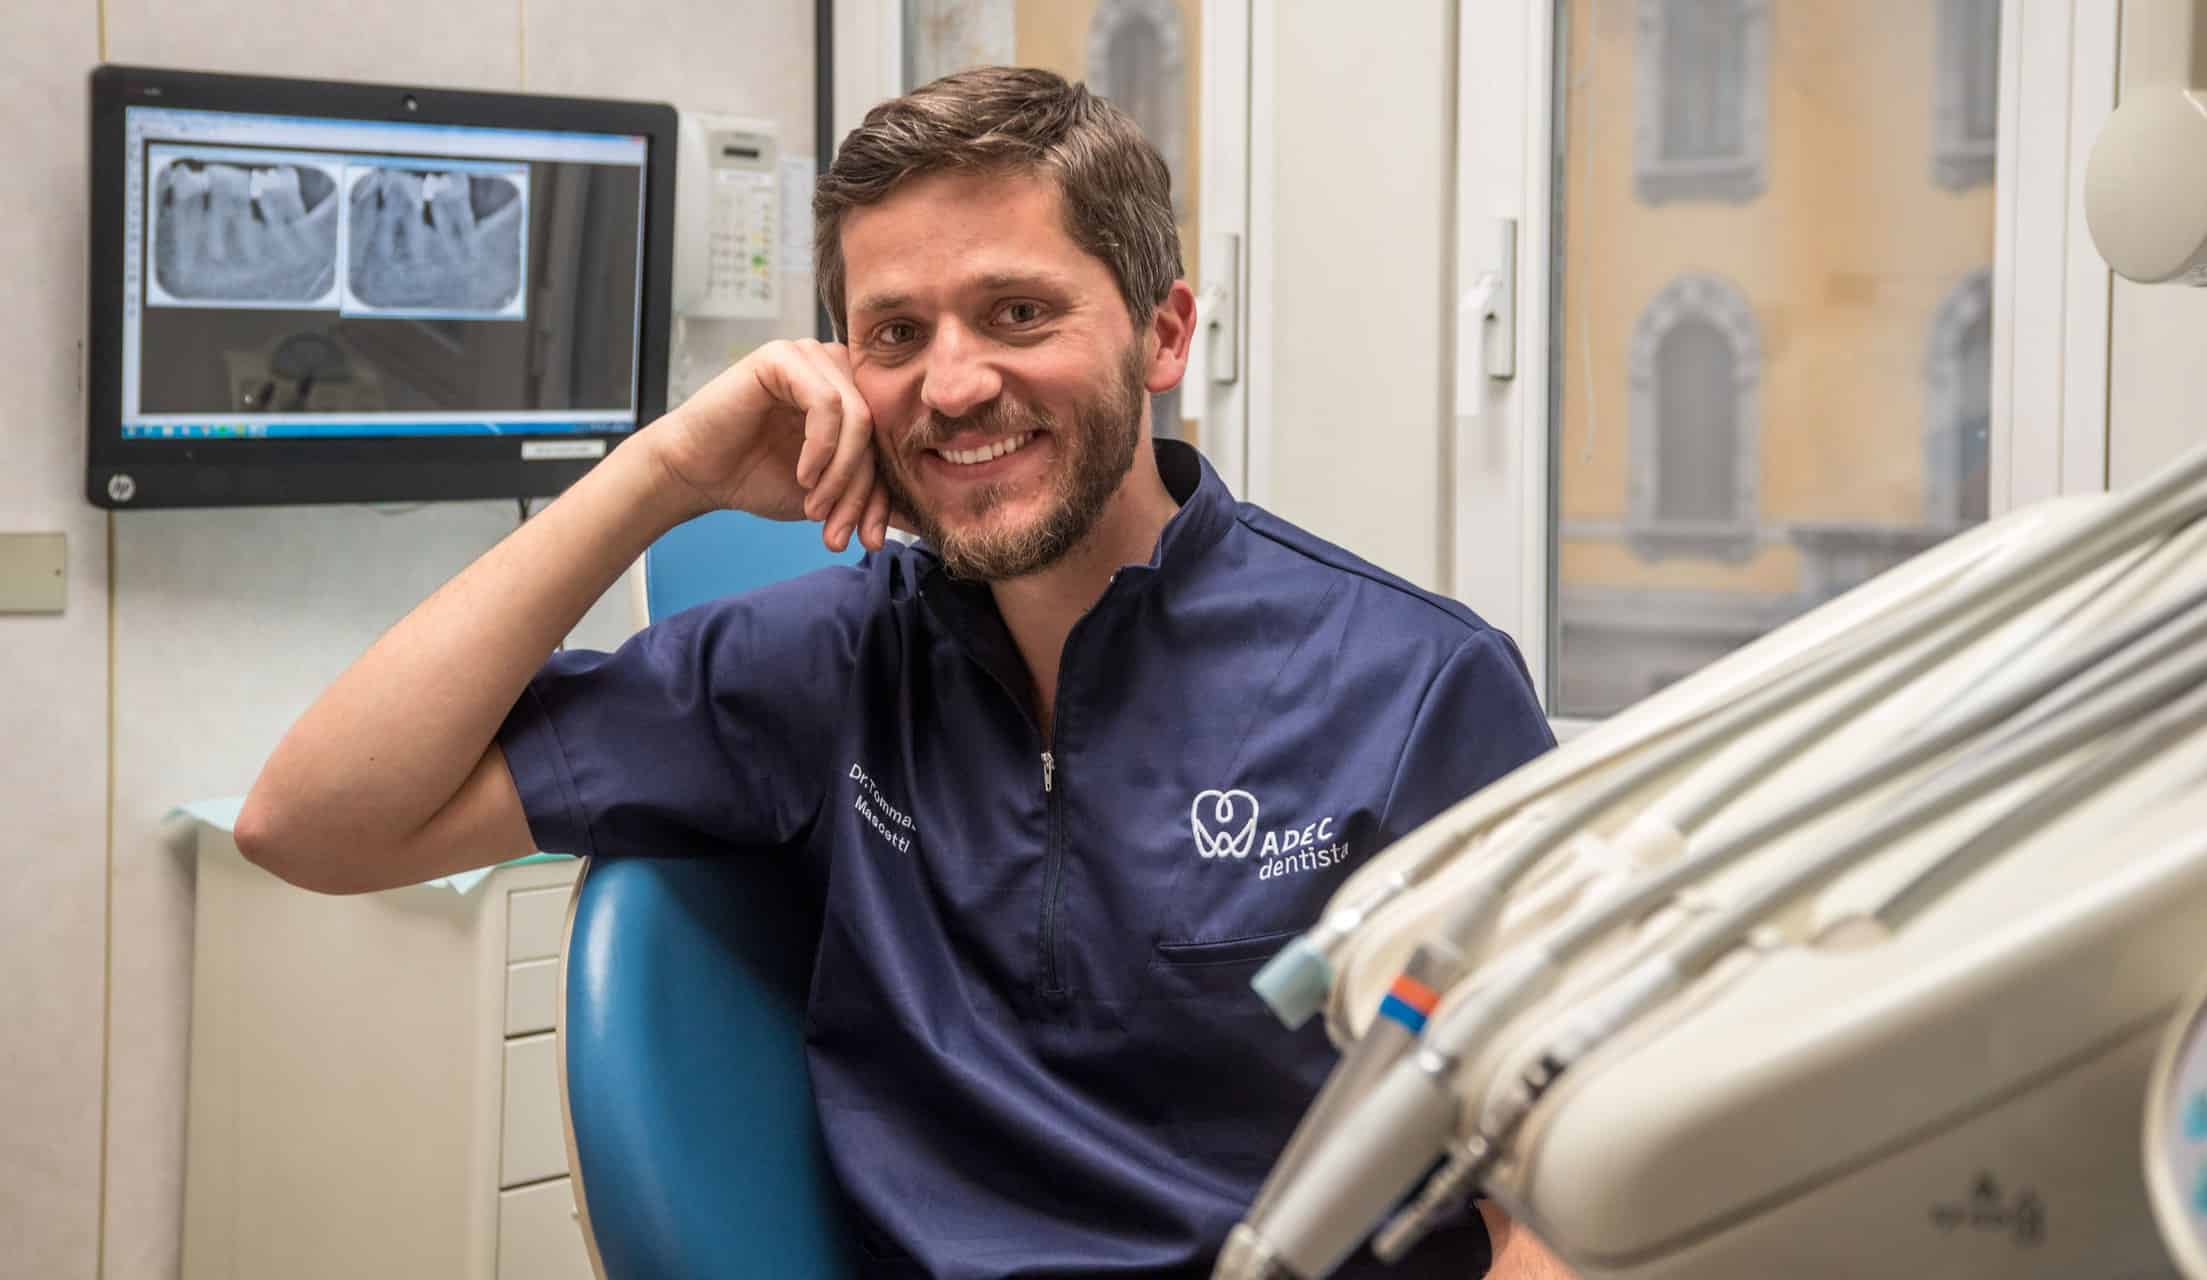 Con noi dal 2008, il Dott. Mascetti si occupa di estetica dentale ai livelli più raffinati